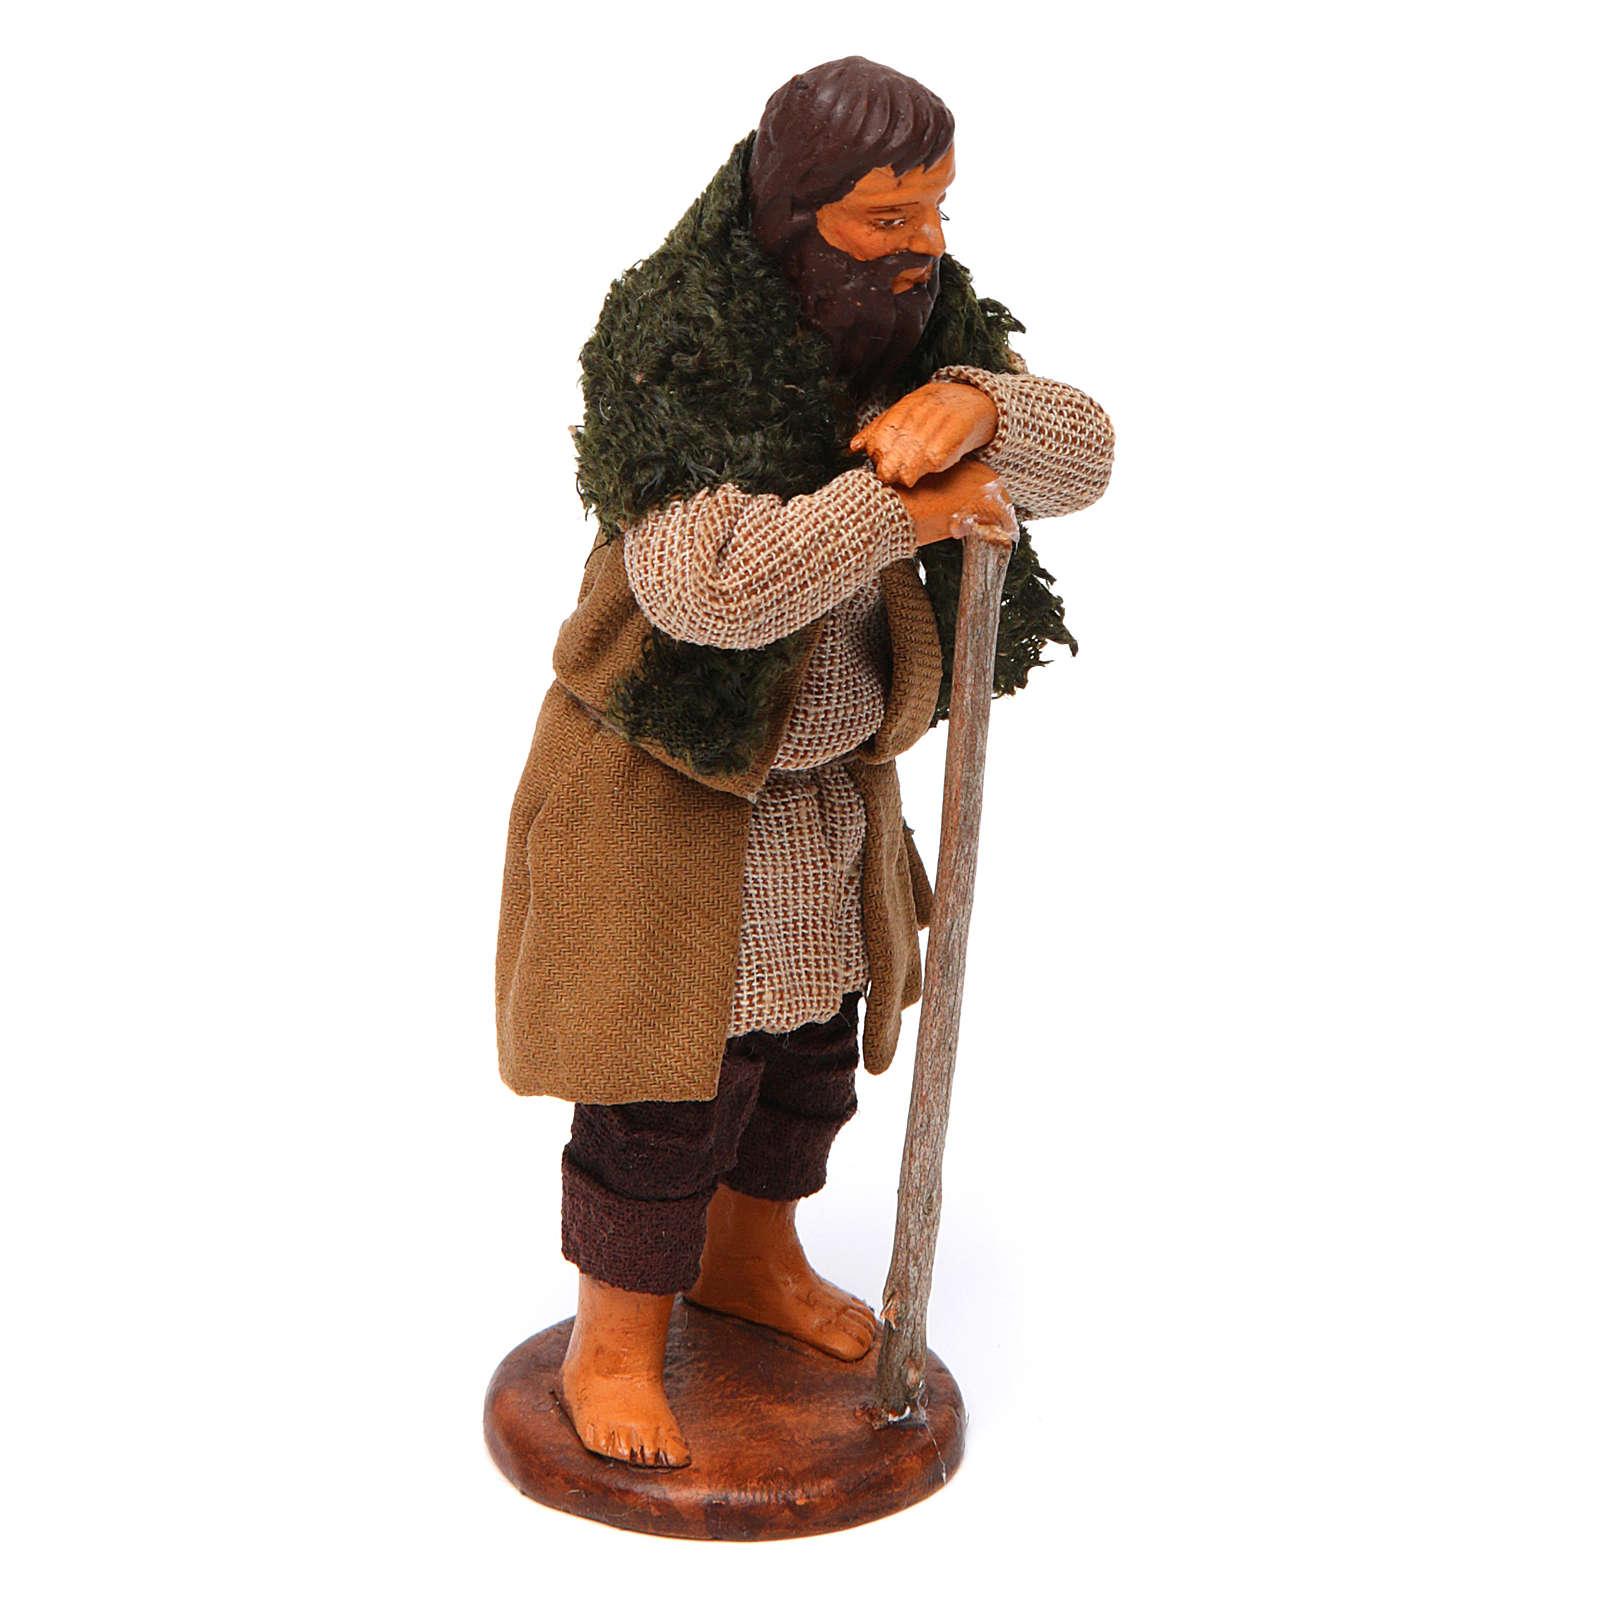 Uomo in piedi appoggiato al bastone 12 cm presepe Napoli 4